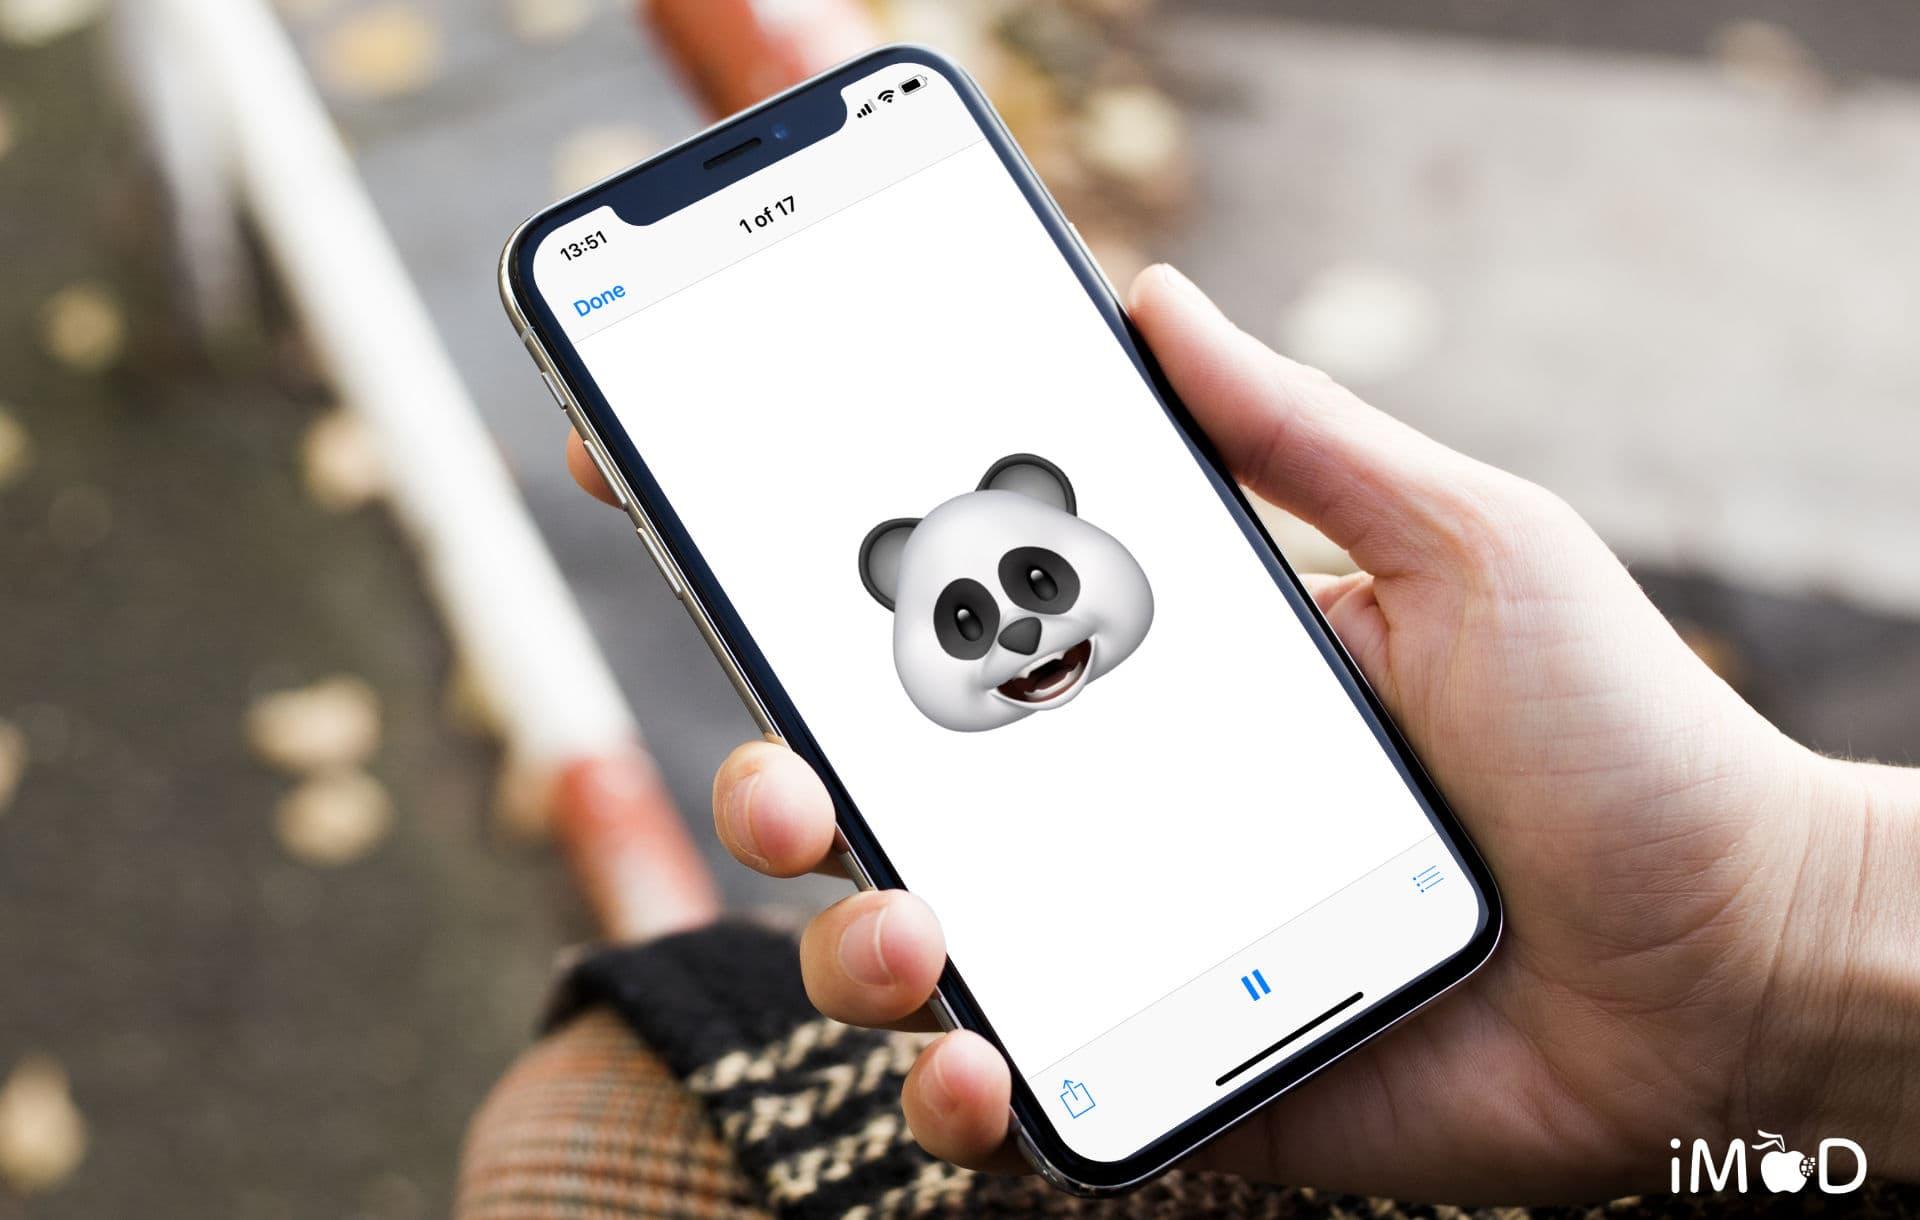 Iphone X Animoji